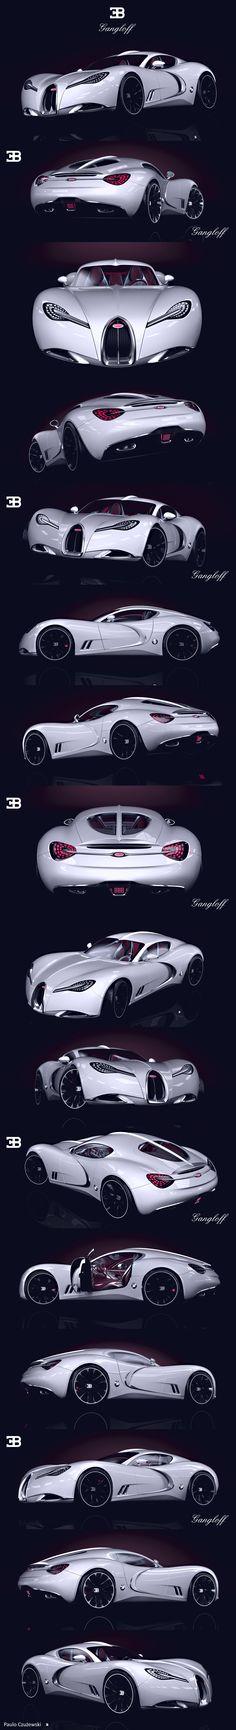 Pojazd 3d: Invisium Concept Car , Bugatti Gangloff